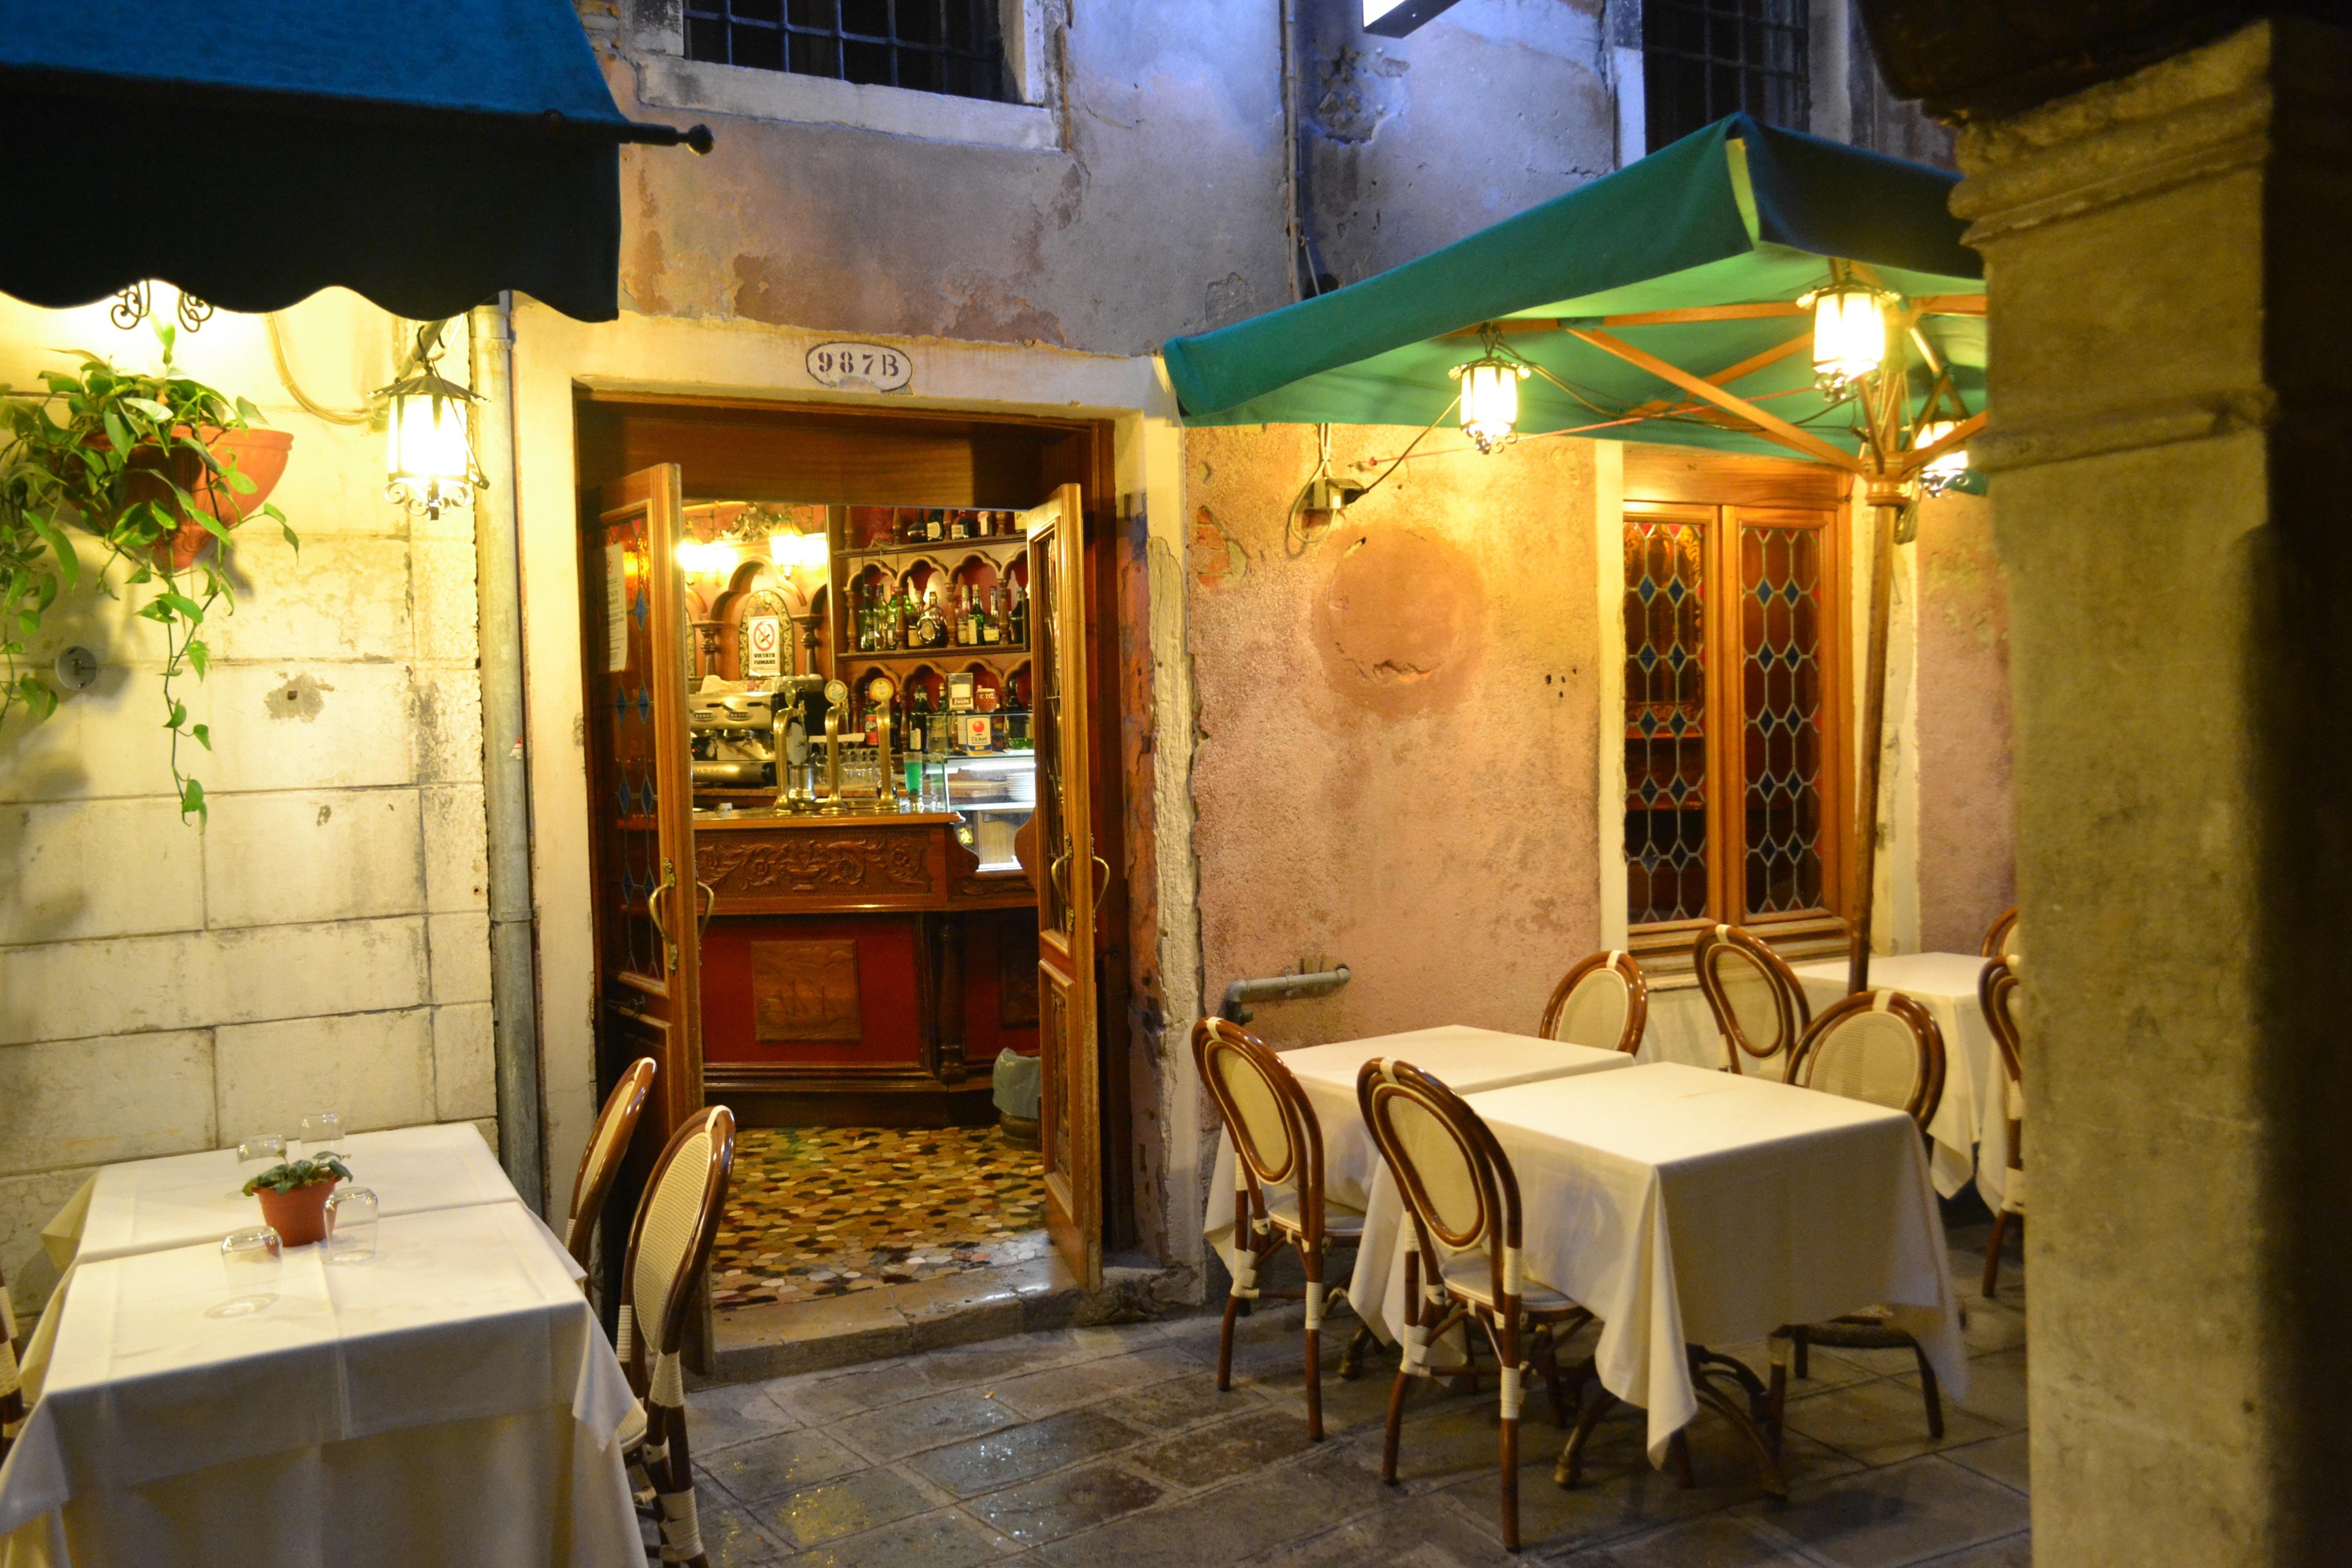 Kostenlose foto : Cafe, Kaffee, Nacht-, Restaurant, Bar, Italien ...